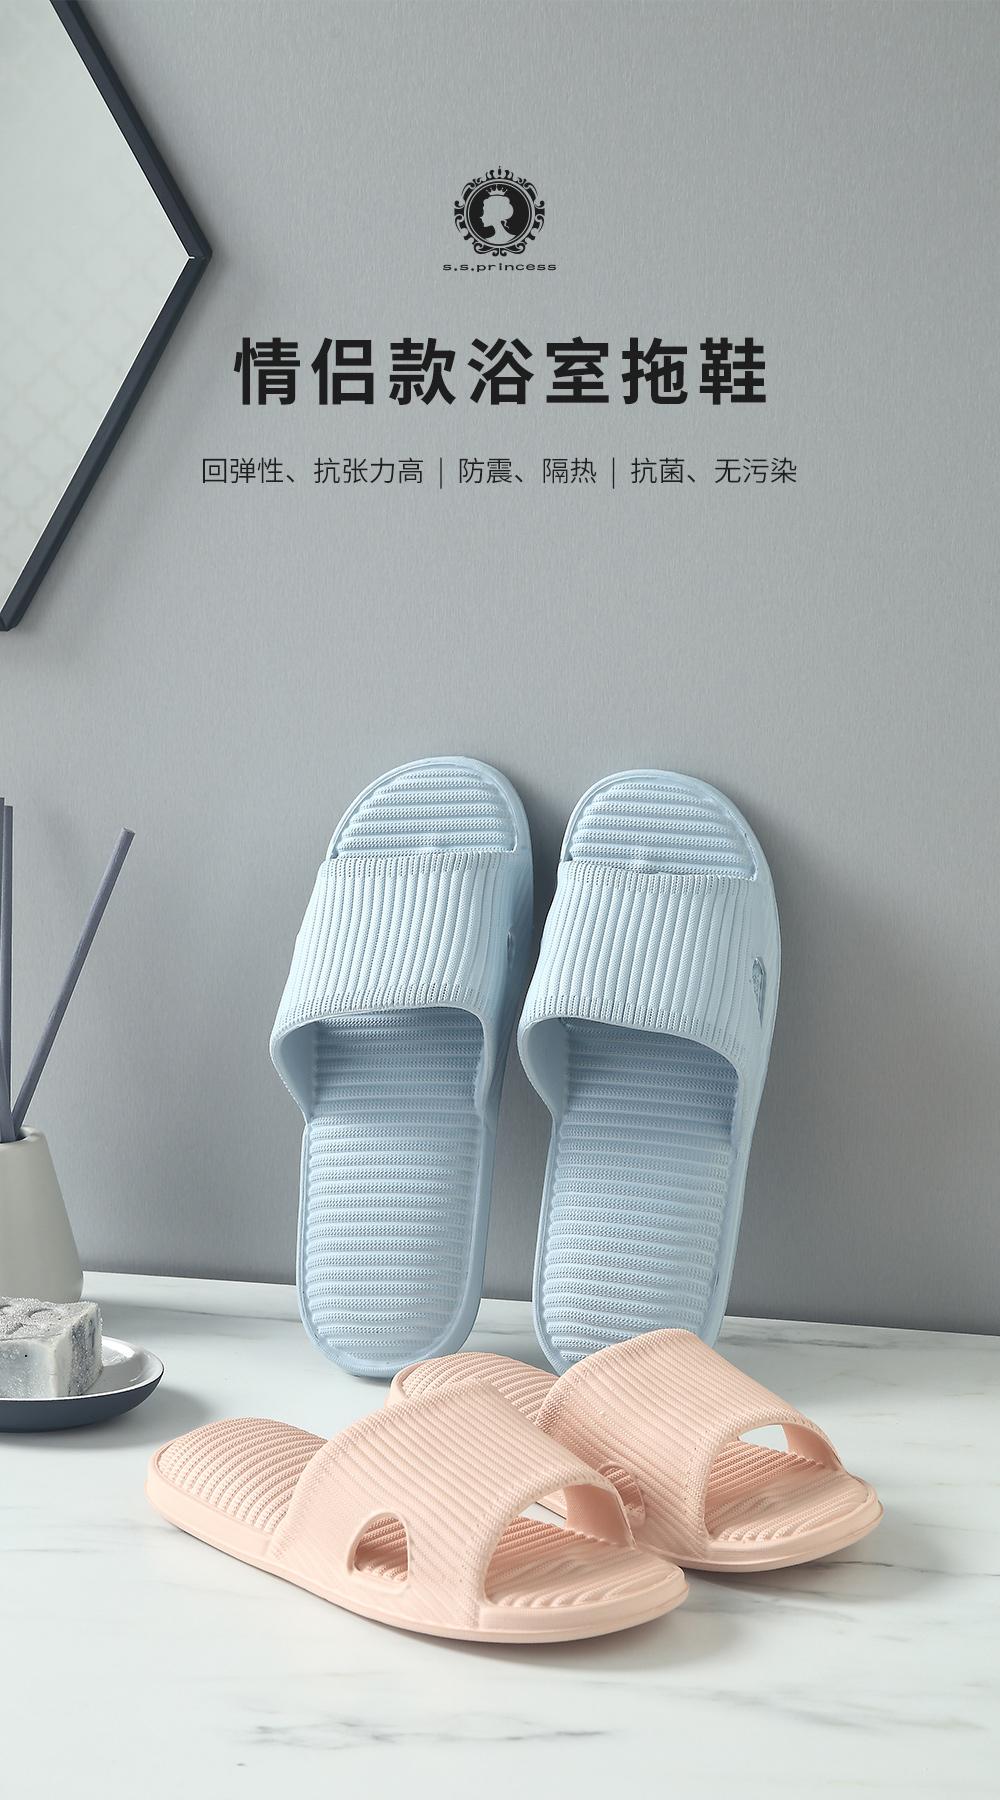 实物演示:S.S.PRINCESS舒适情侣款浴室拖鞋–2双装